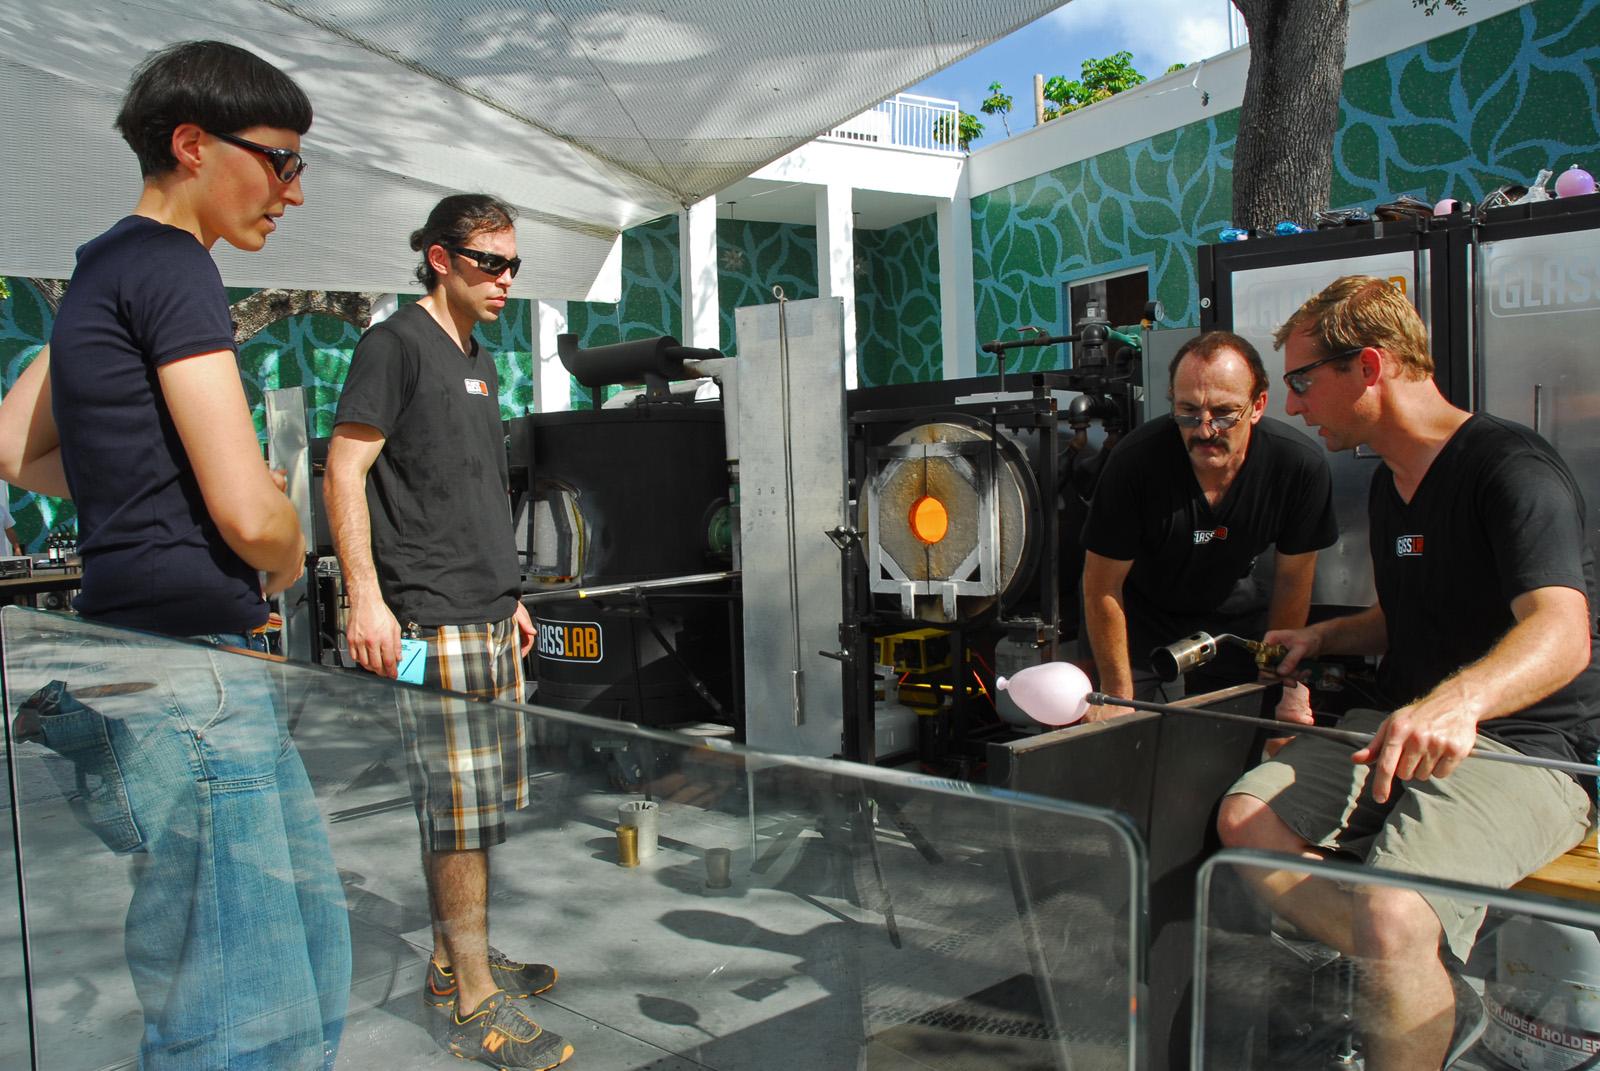 Matali Crasset at GlassLab at Design Miami 2007